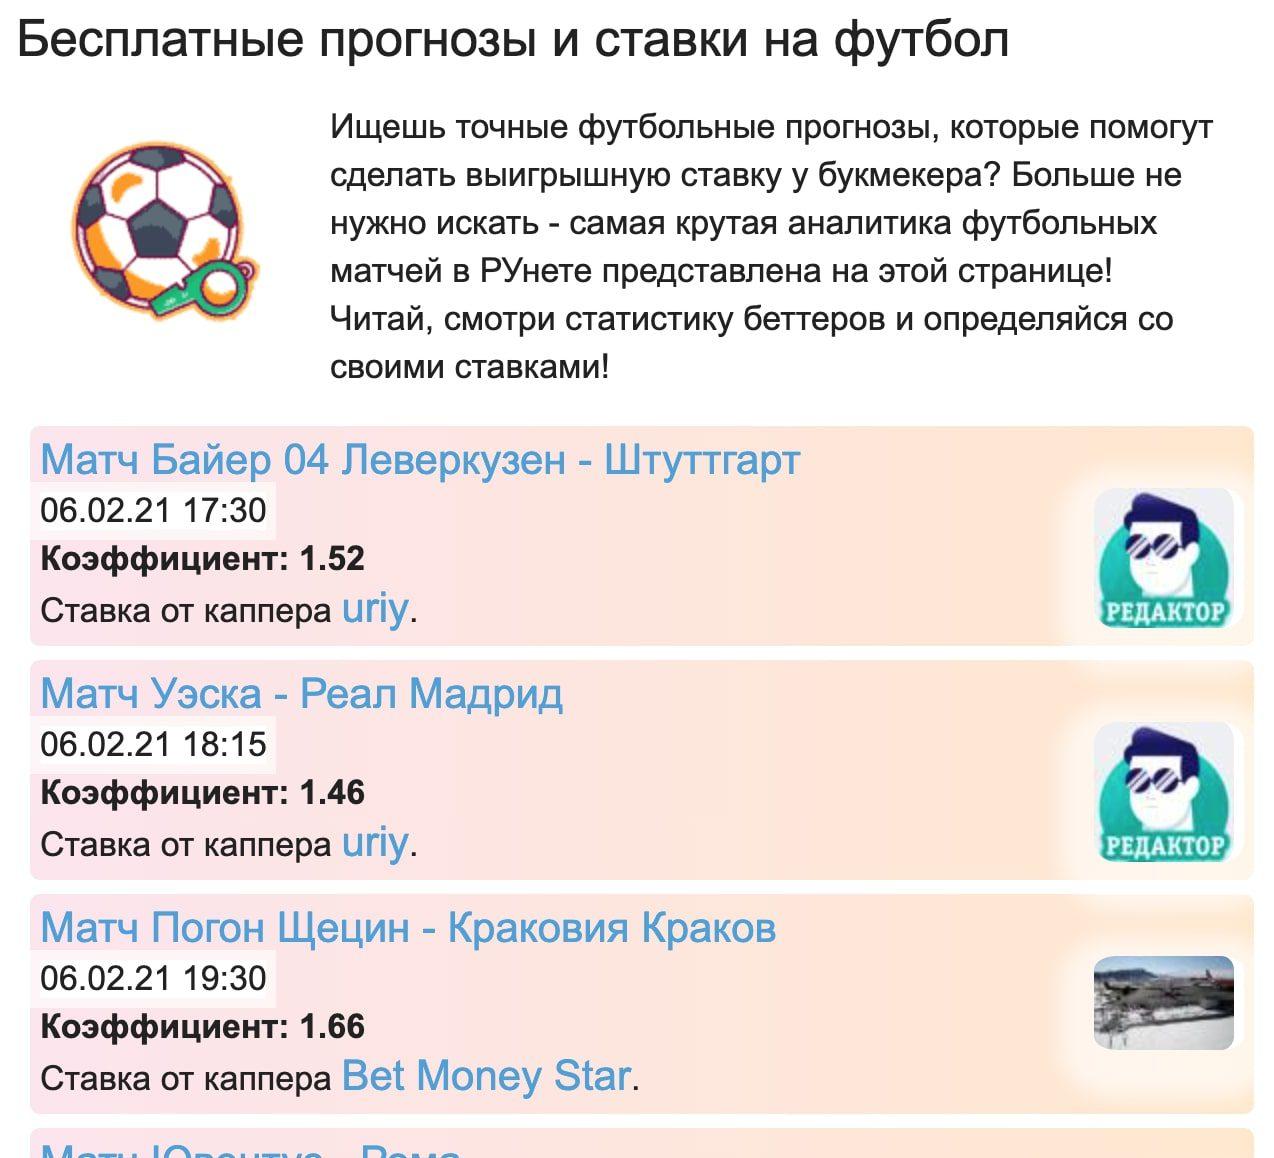 Прогнозы на сайте Lifebet.ru (Лайфбет)